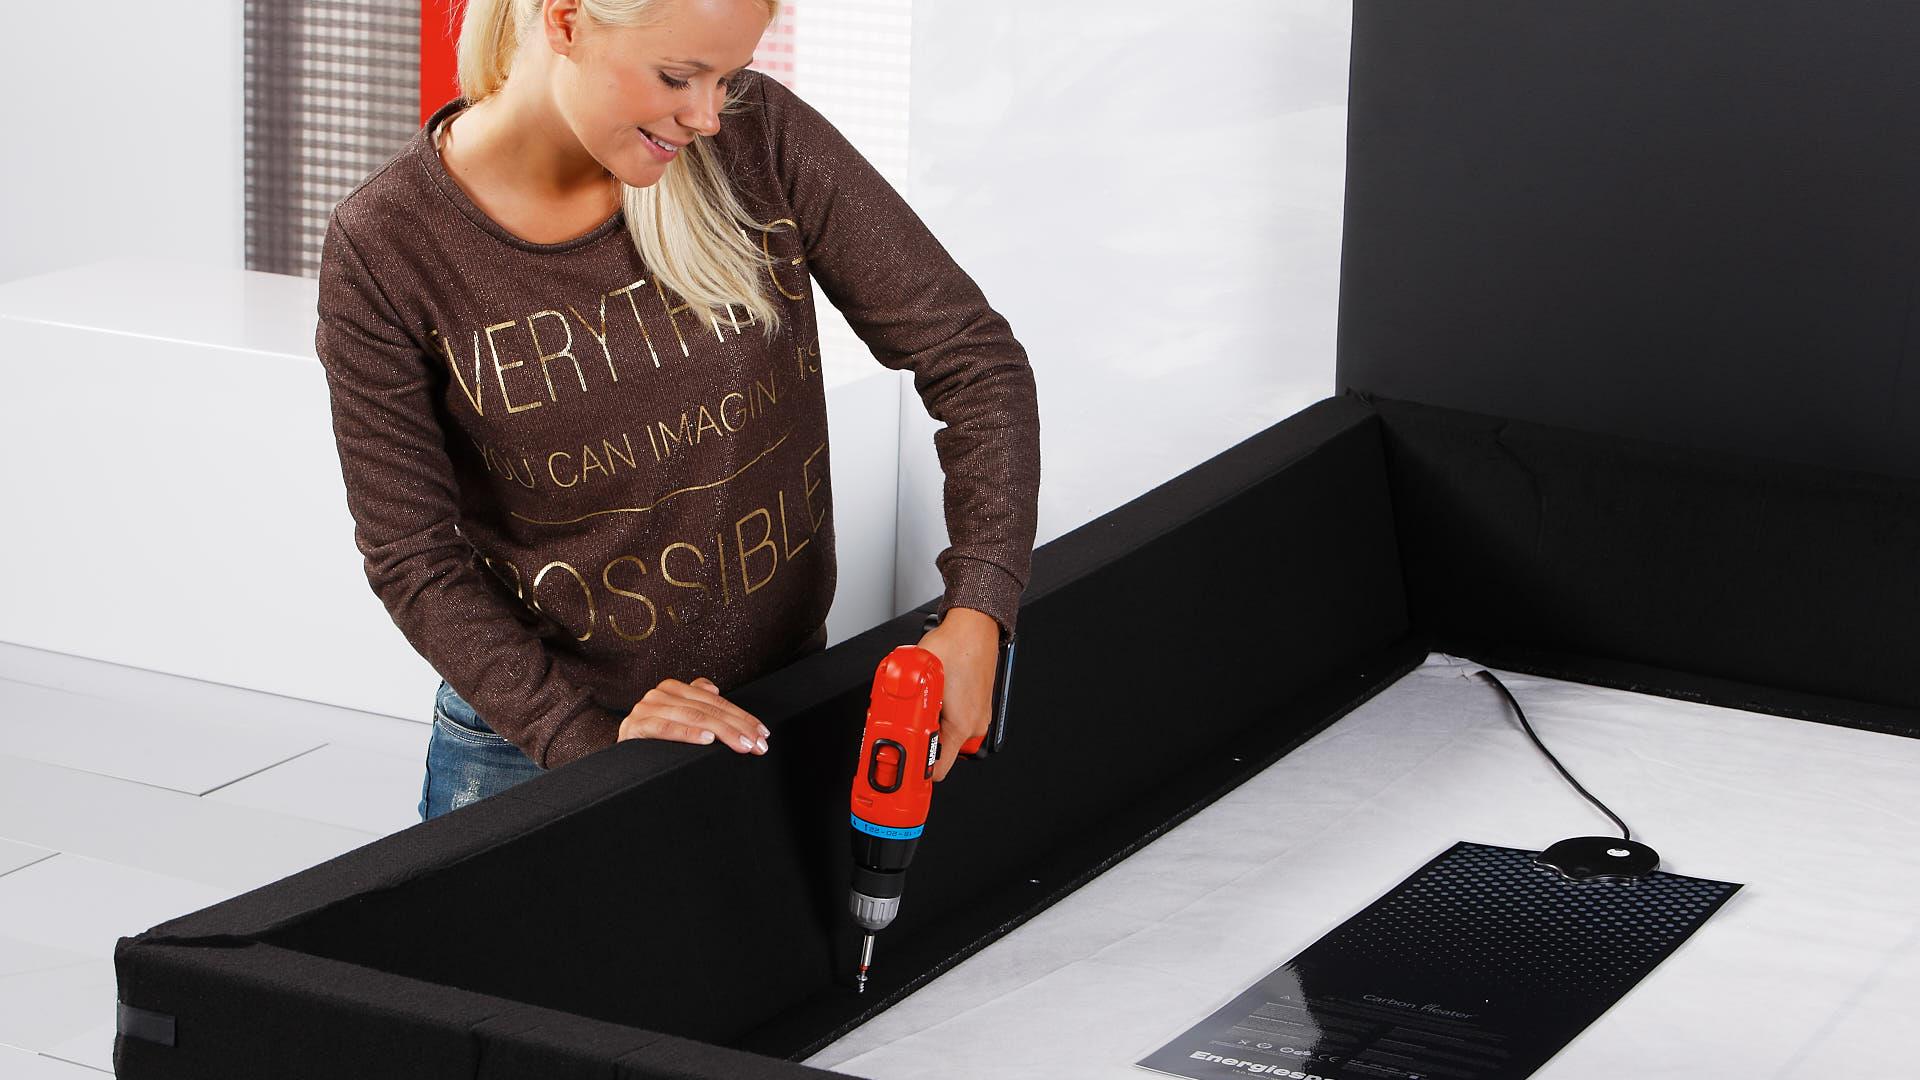 Wasserbett Einbau Schaumstoffrand auf der Bodenplatte festschrauben